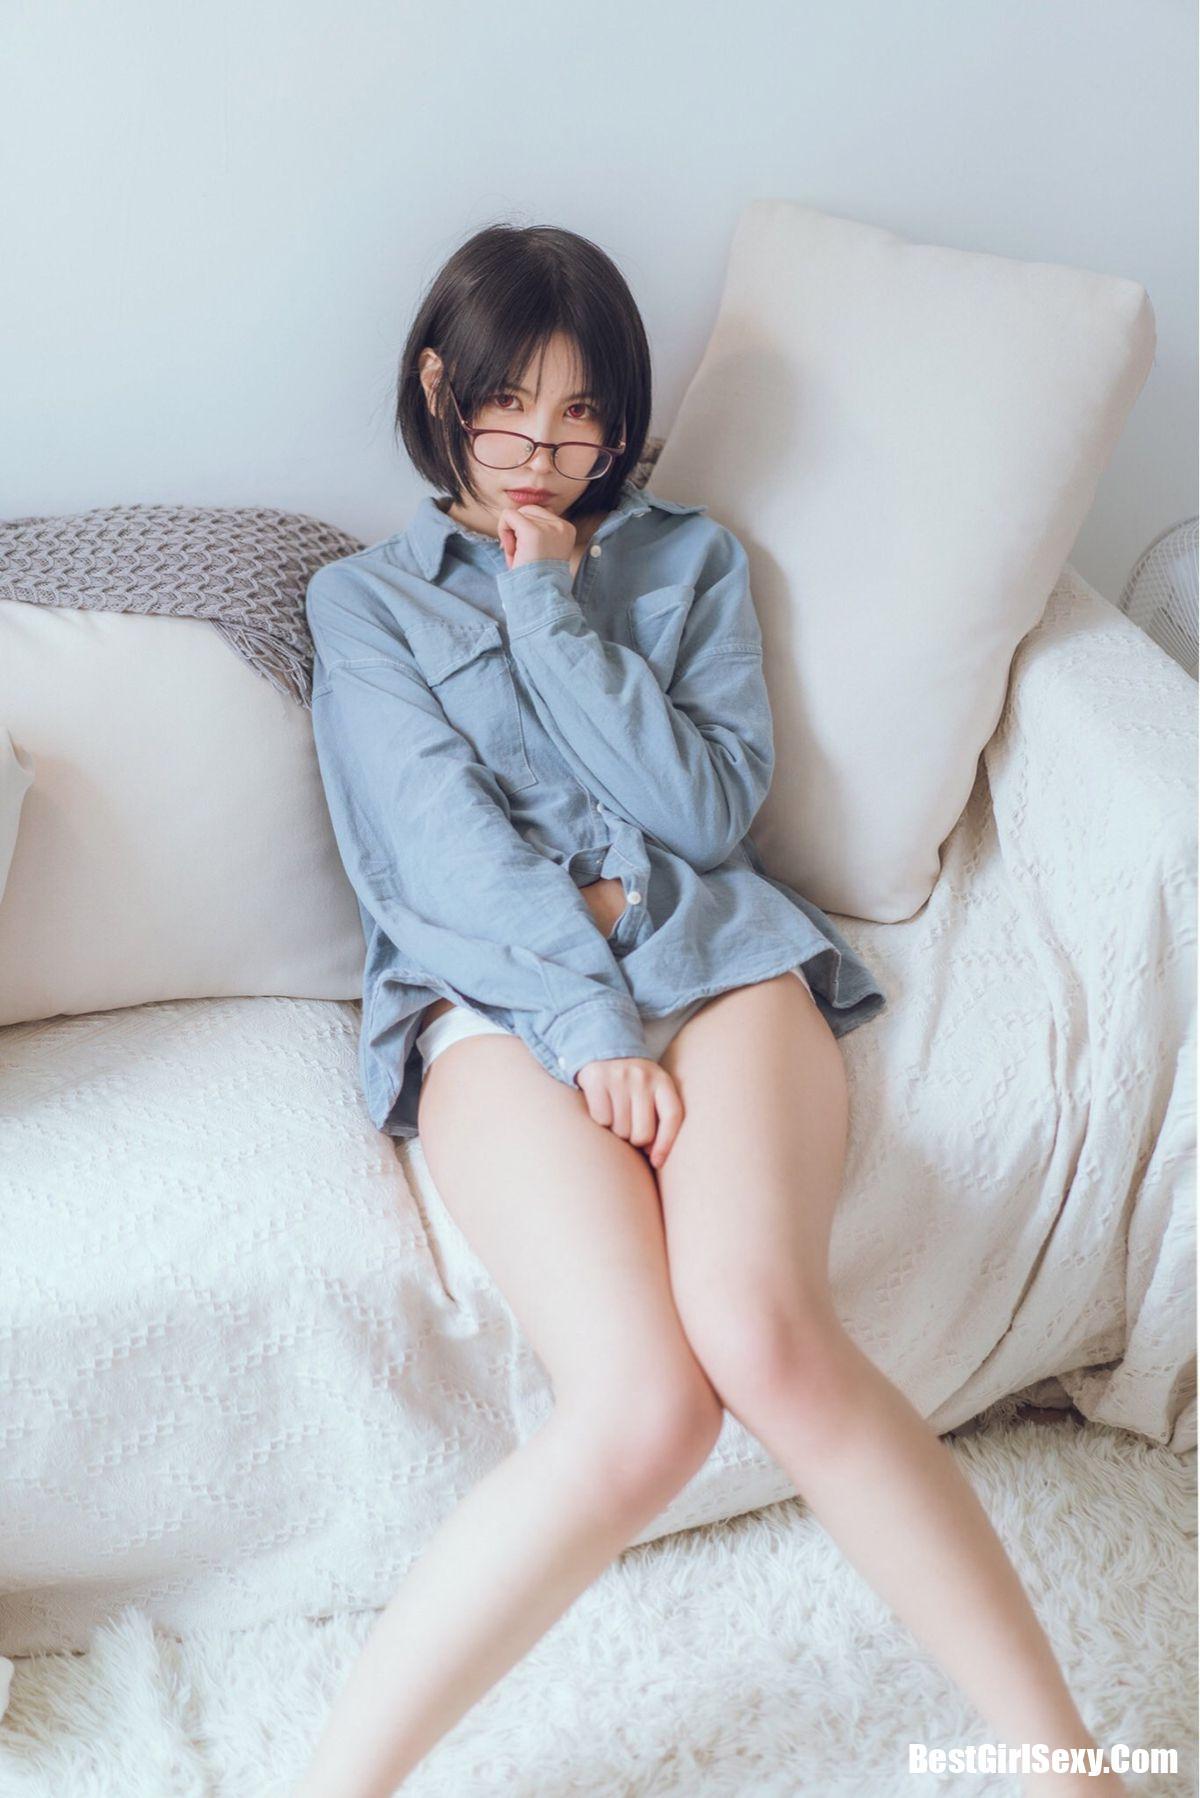 Coser@逐月su 蓝色衬衫